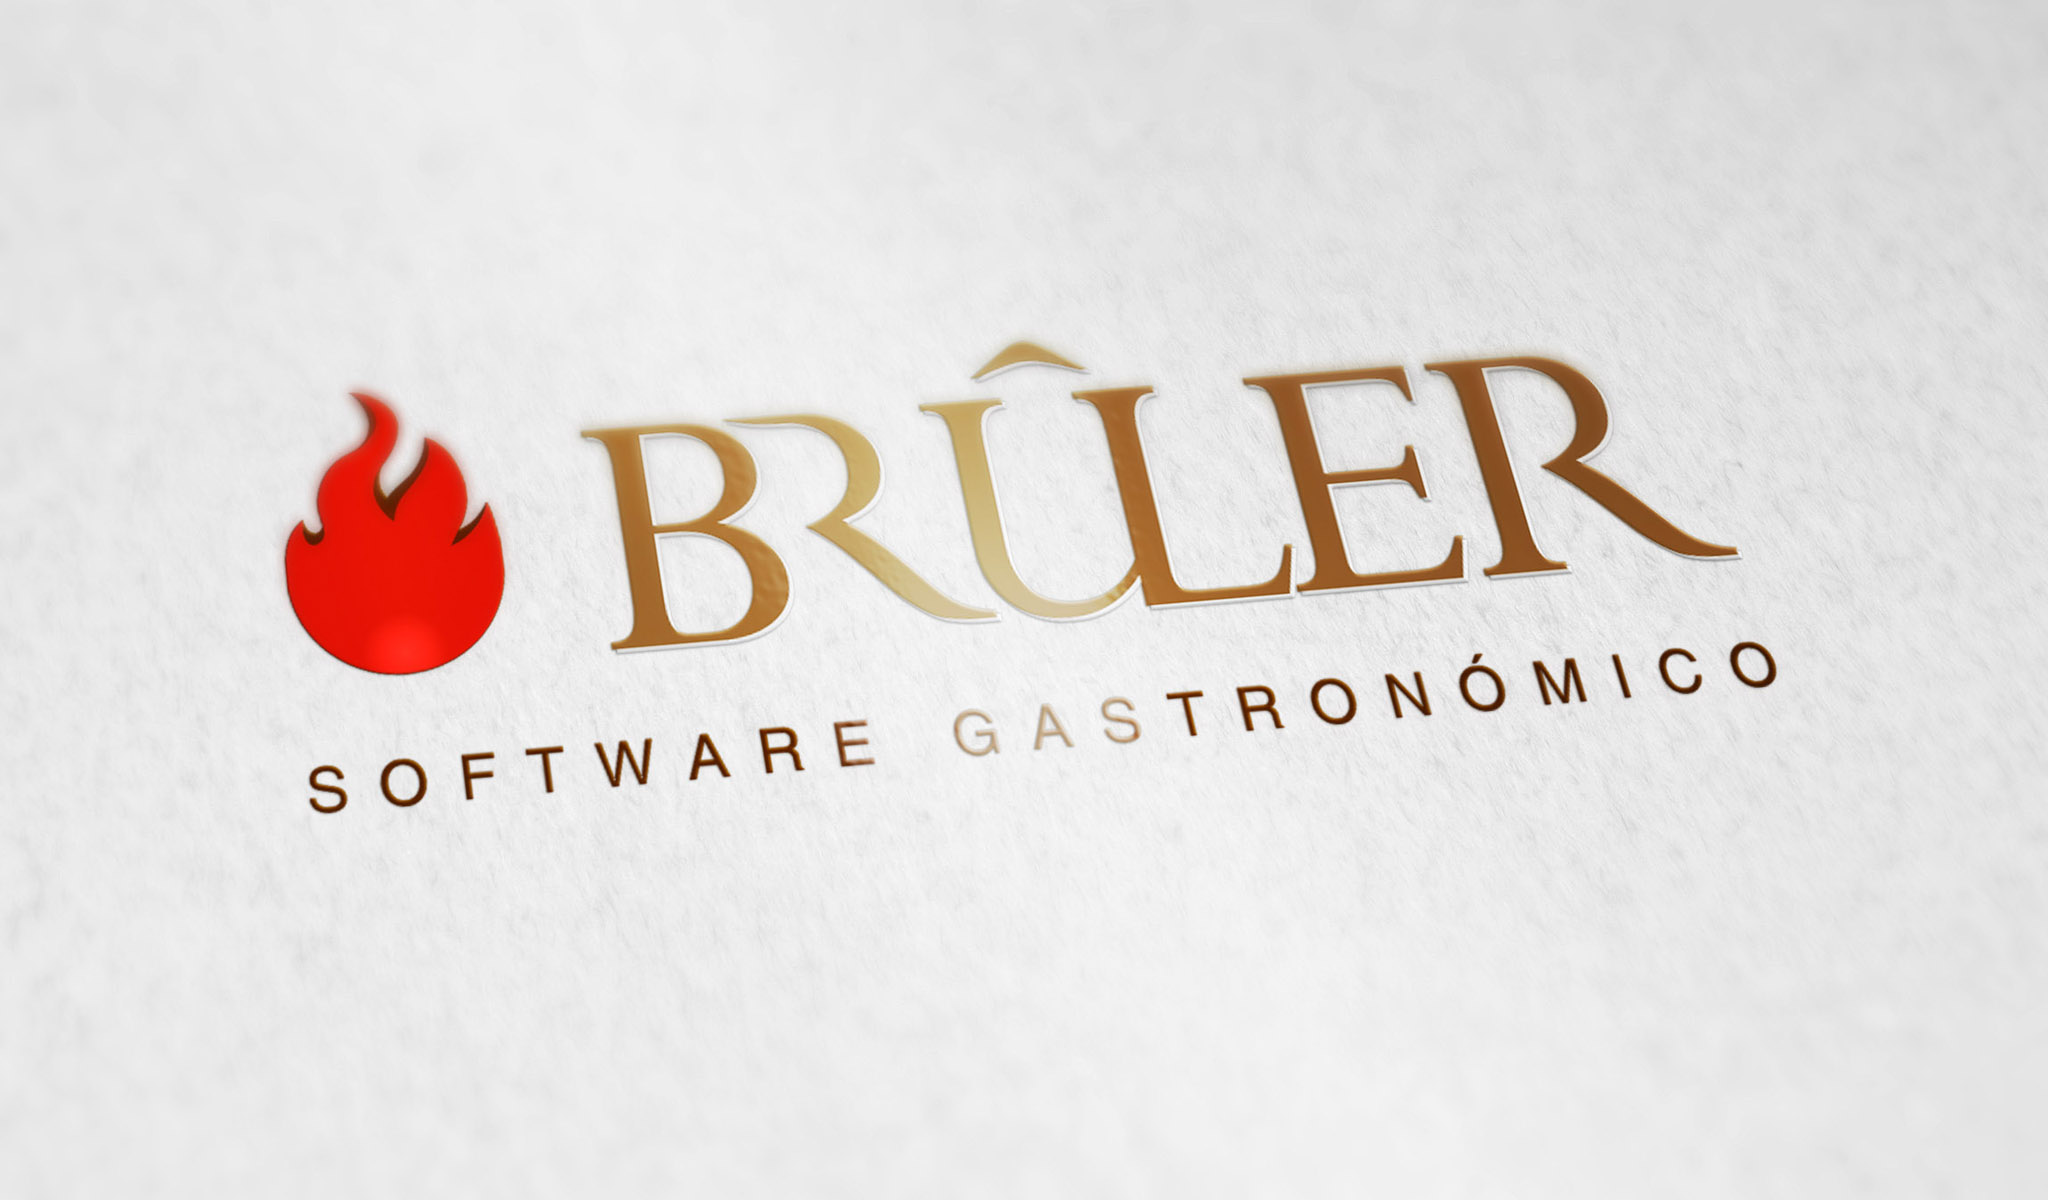 Bruler Software Gastronómico